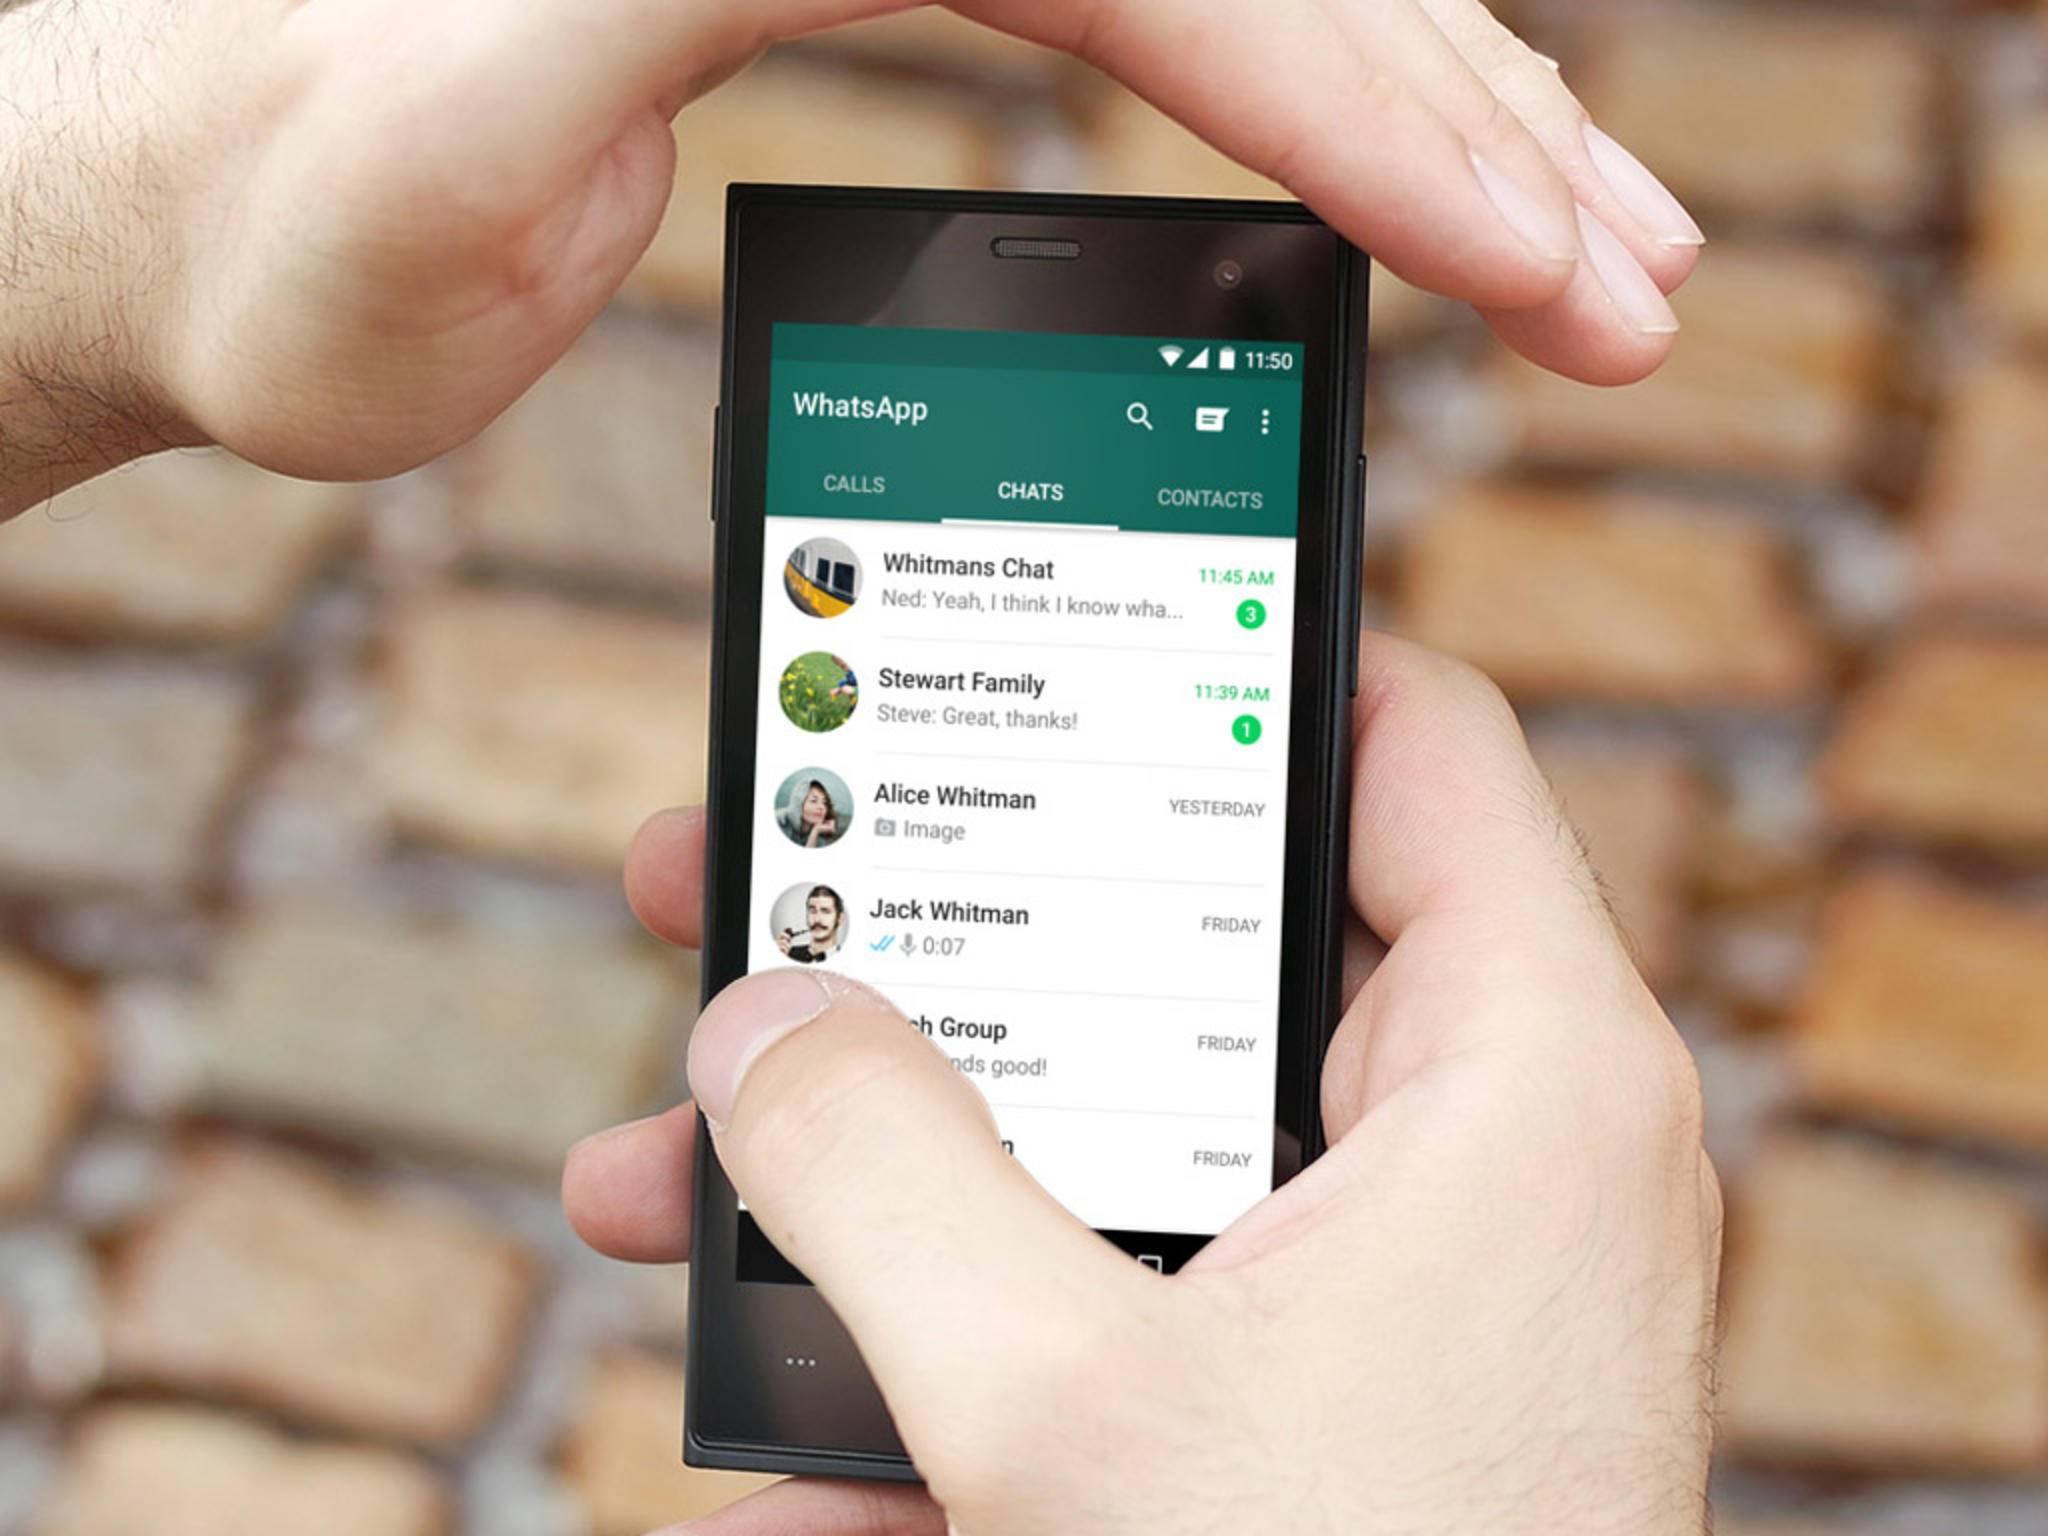 WhatsApp: Der Dienst gestattet sich weitgehenden Zugriff auf Daten.